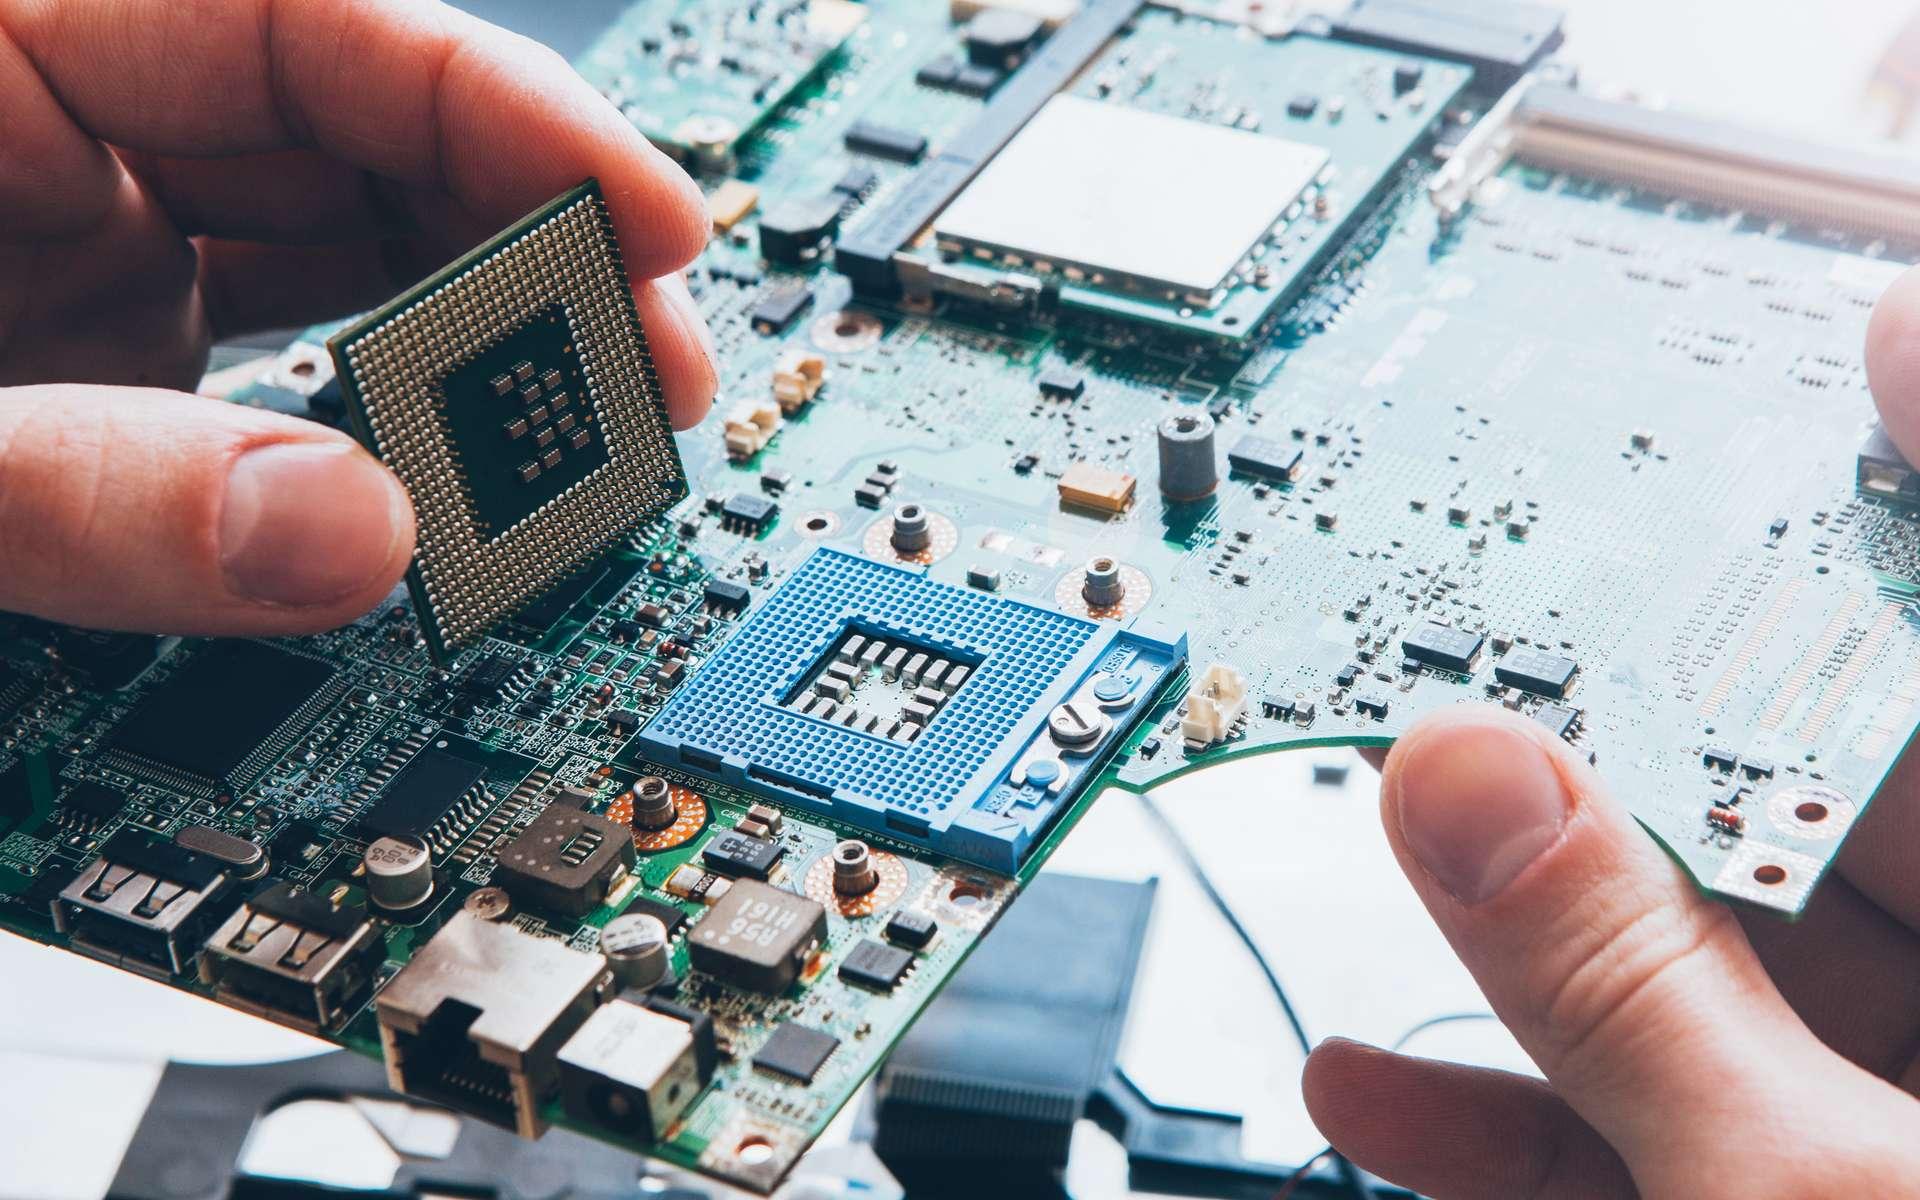 Les processeurs sont le cerveau d'un ordinateur. © igor_kell, Adobe Stock